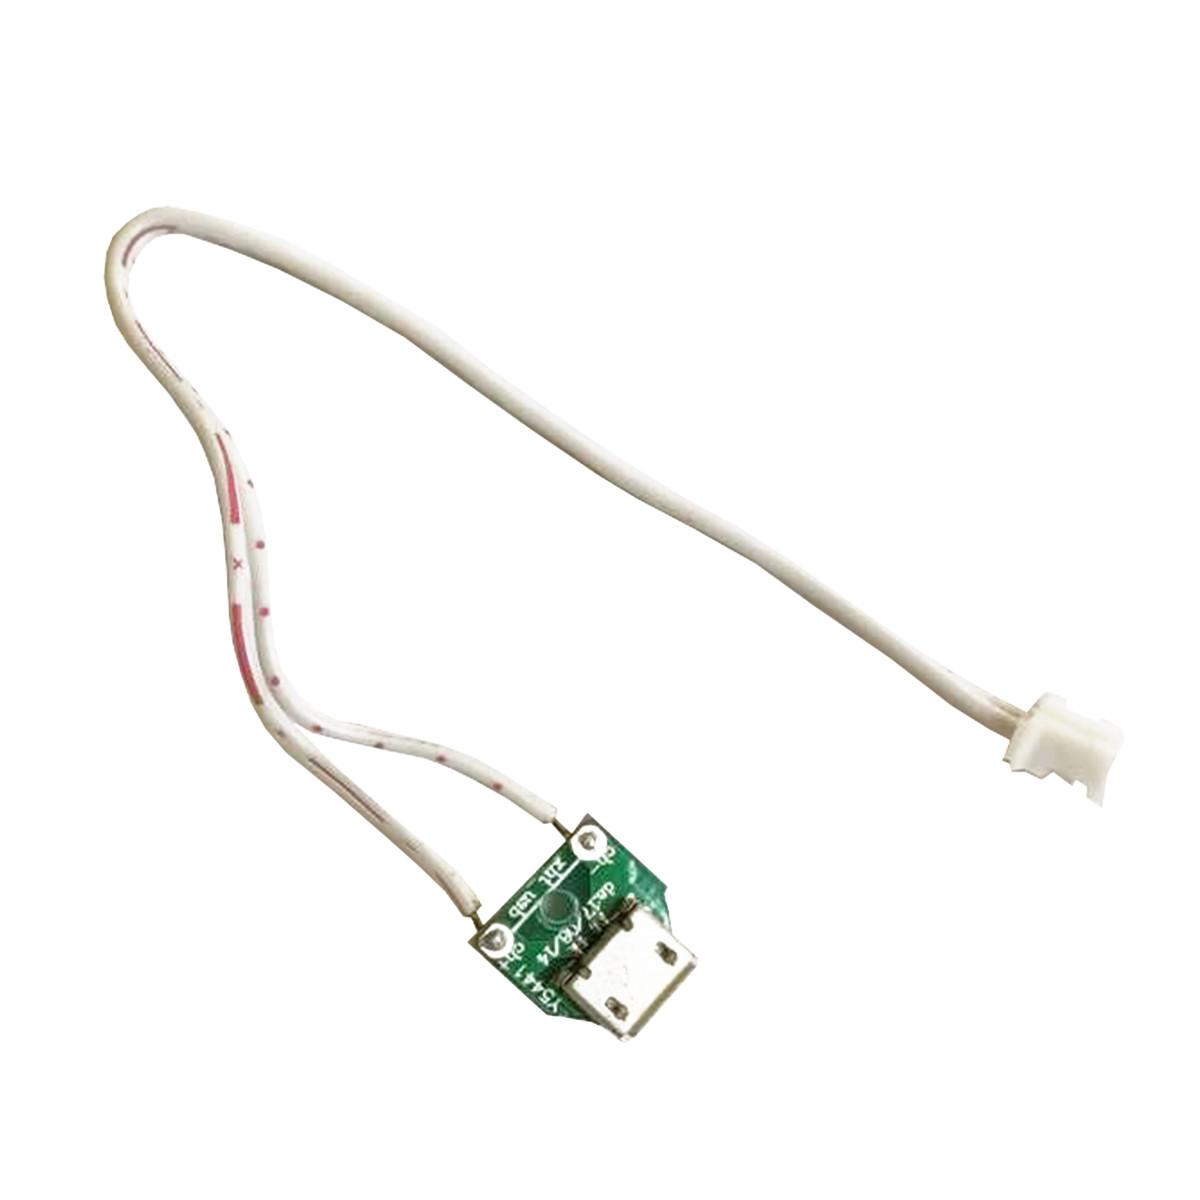 Аспіратор запчастини LITTLE BEES (LB-008) роз'єм microUSB для зарядки